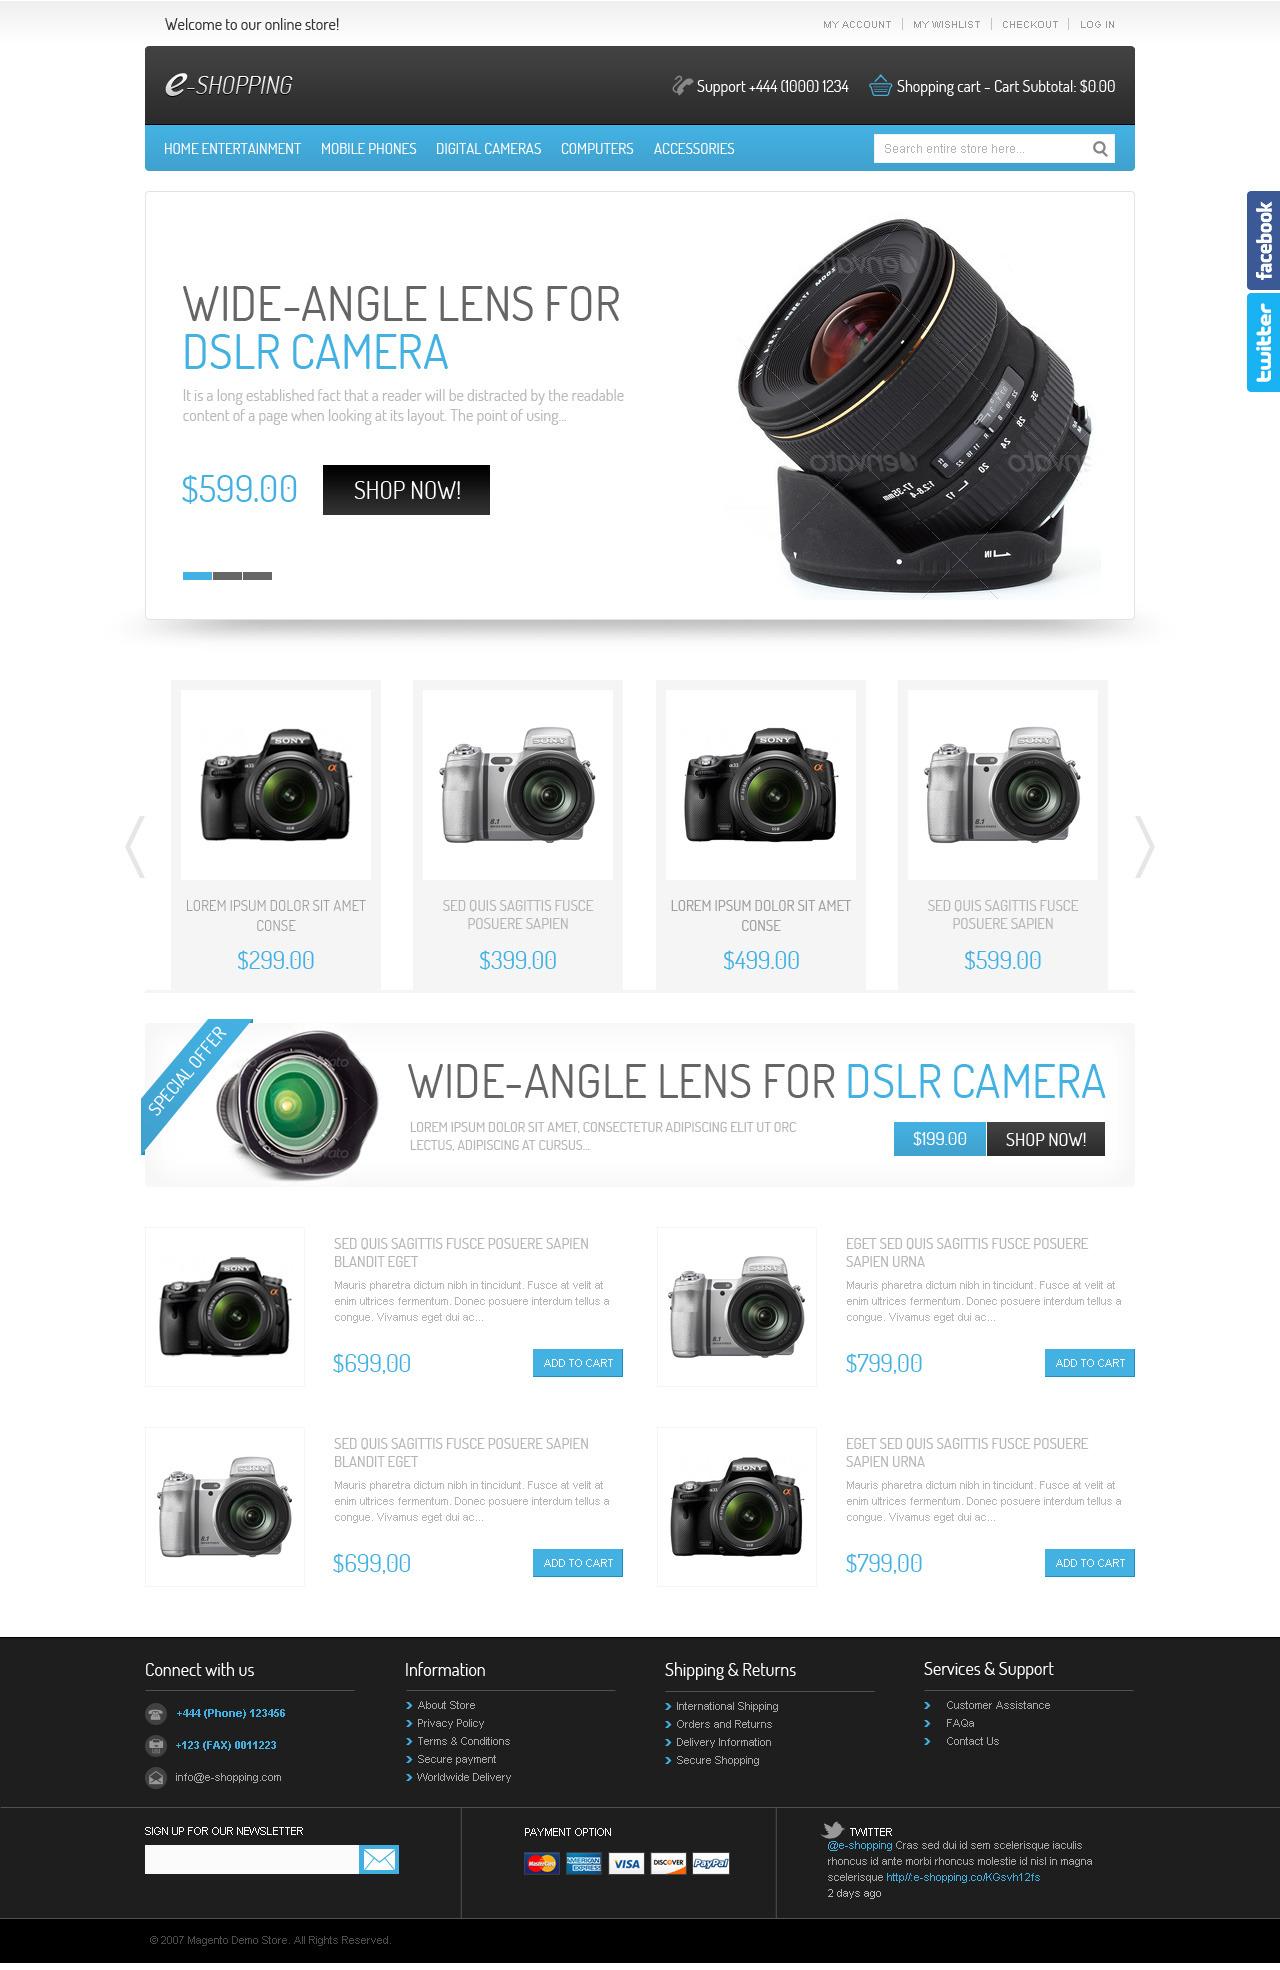 http://1.s3.envato.com/files/31870786/Preview/01_home.jpg